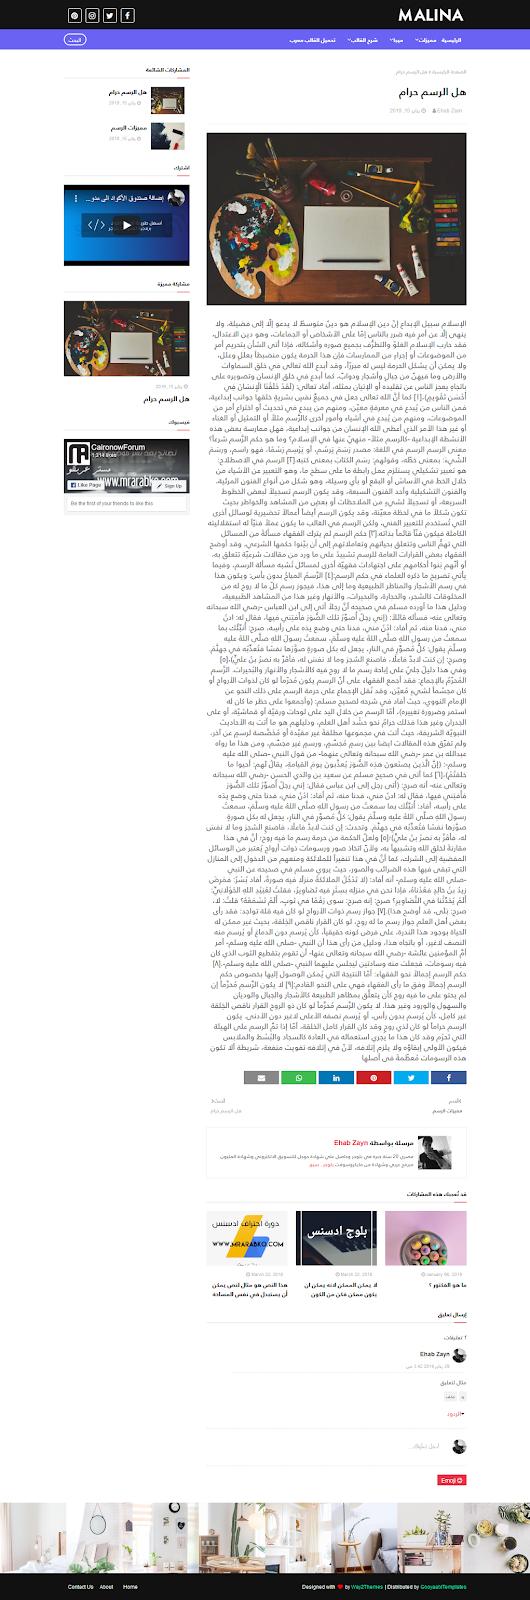 تحميل قالب malina معرب لمدونات بلوجر